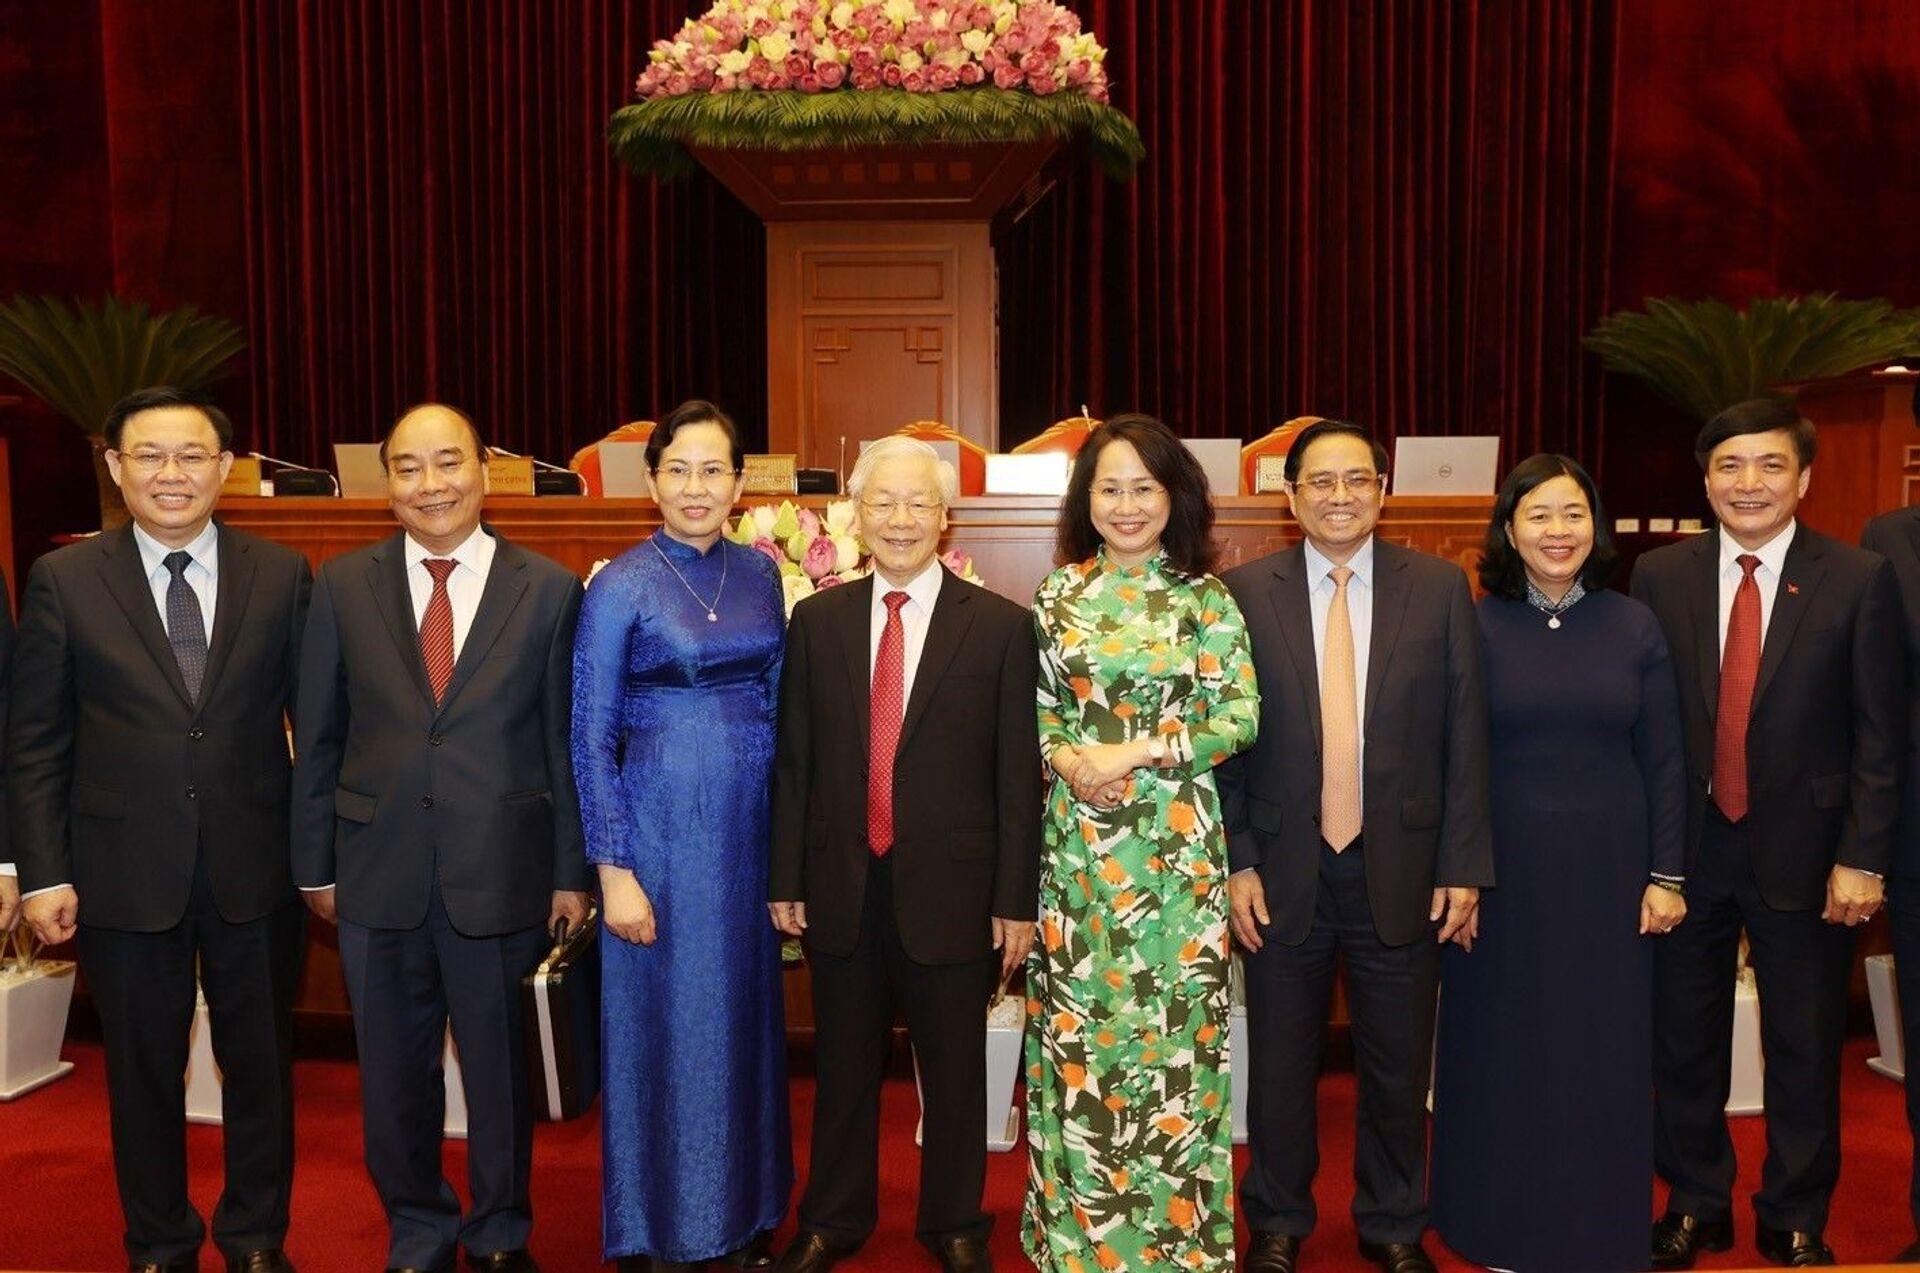 Việt Nam: 'Nhất trí cao' với phương án nhân sự cấp cao của Bộ Chính trị - Sputnik Việt Nam, 1920, 08.07.2021